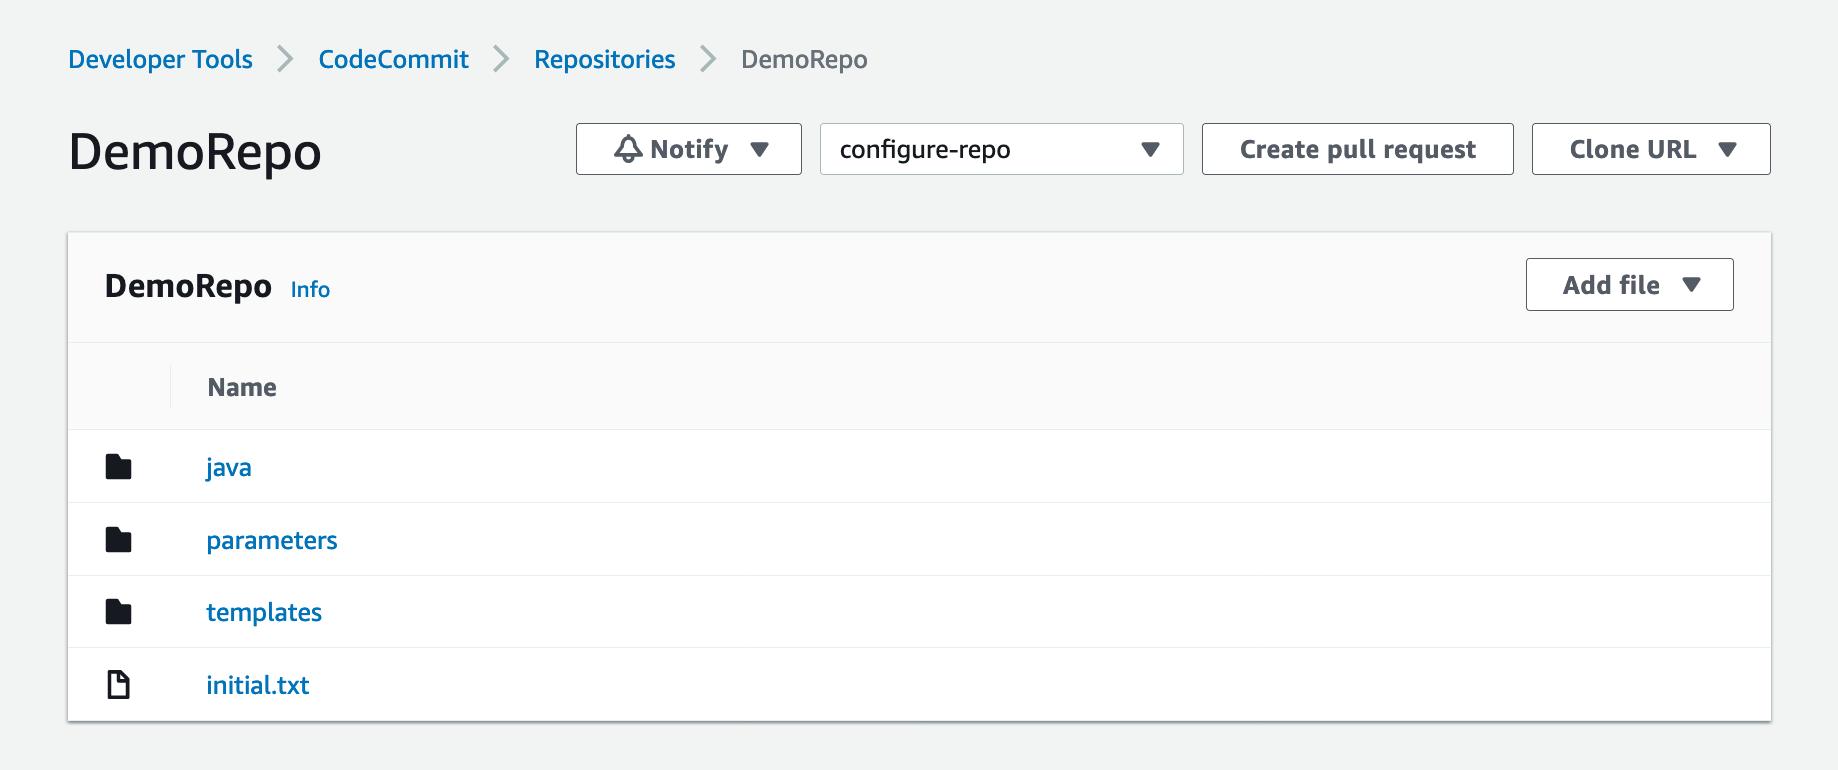 Shows the DemoRepo code